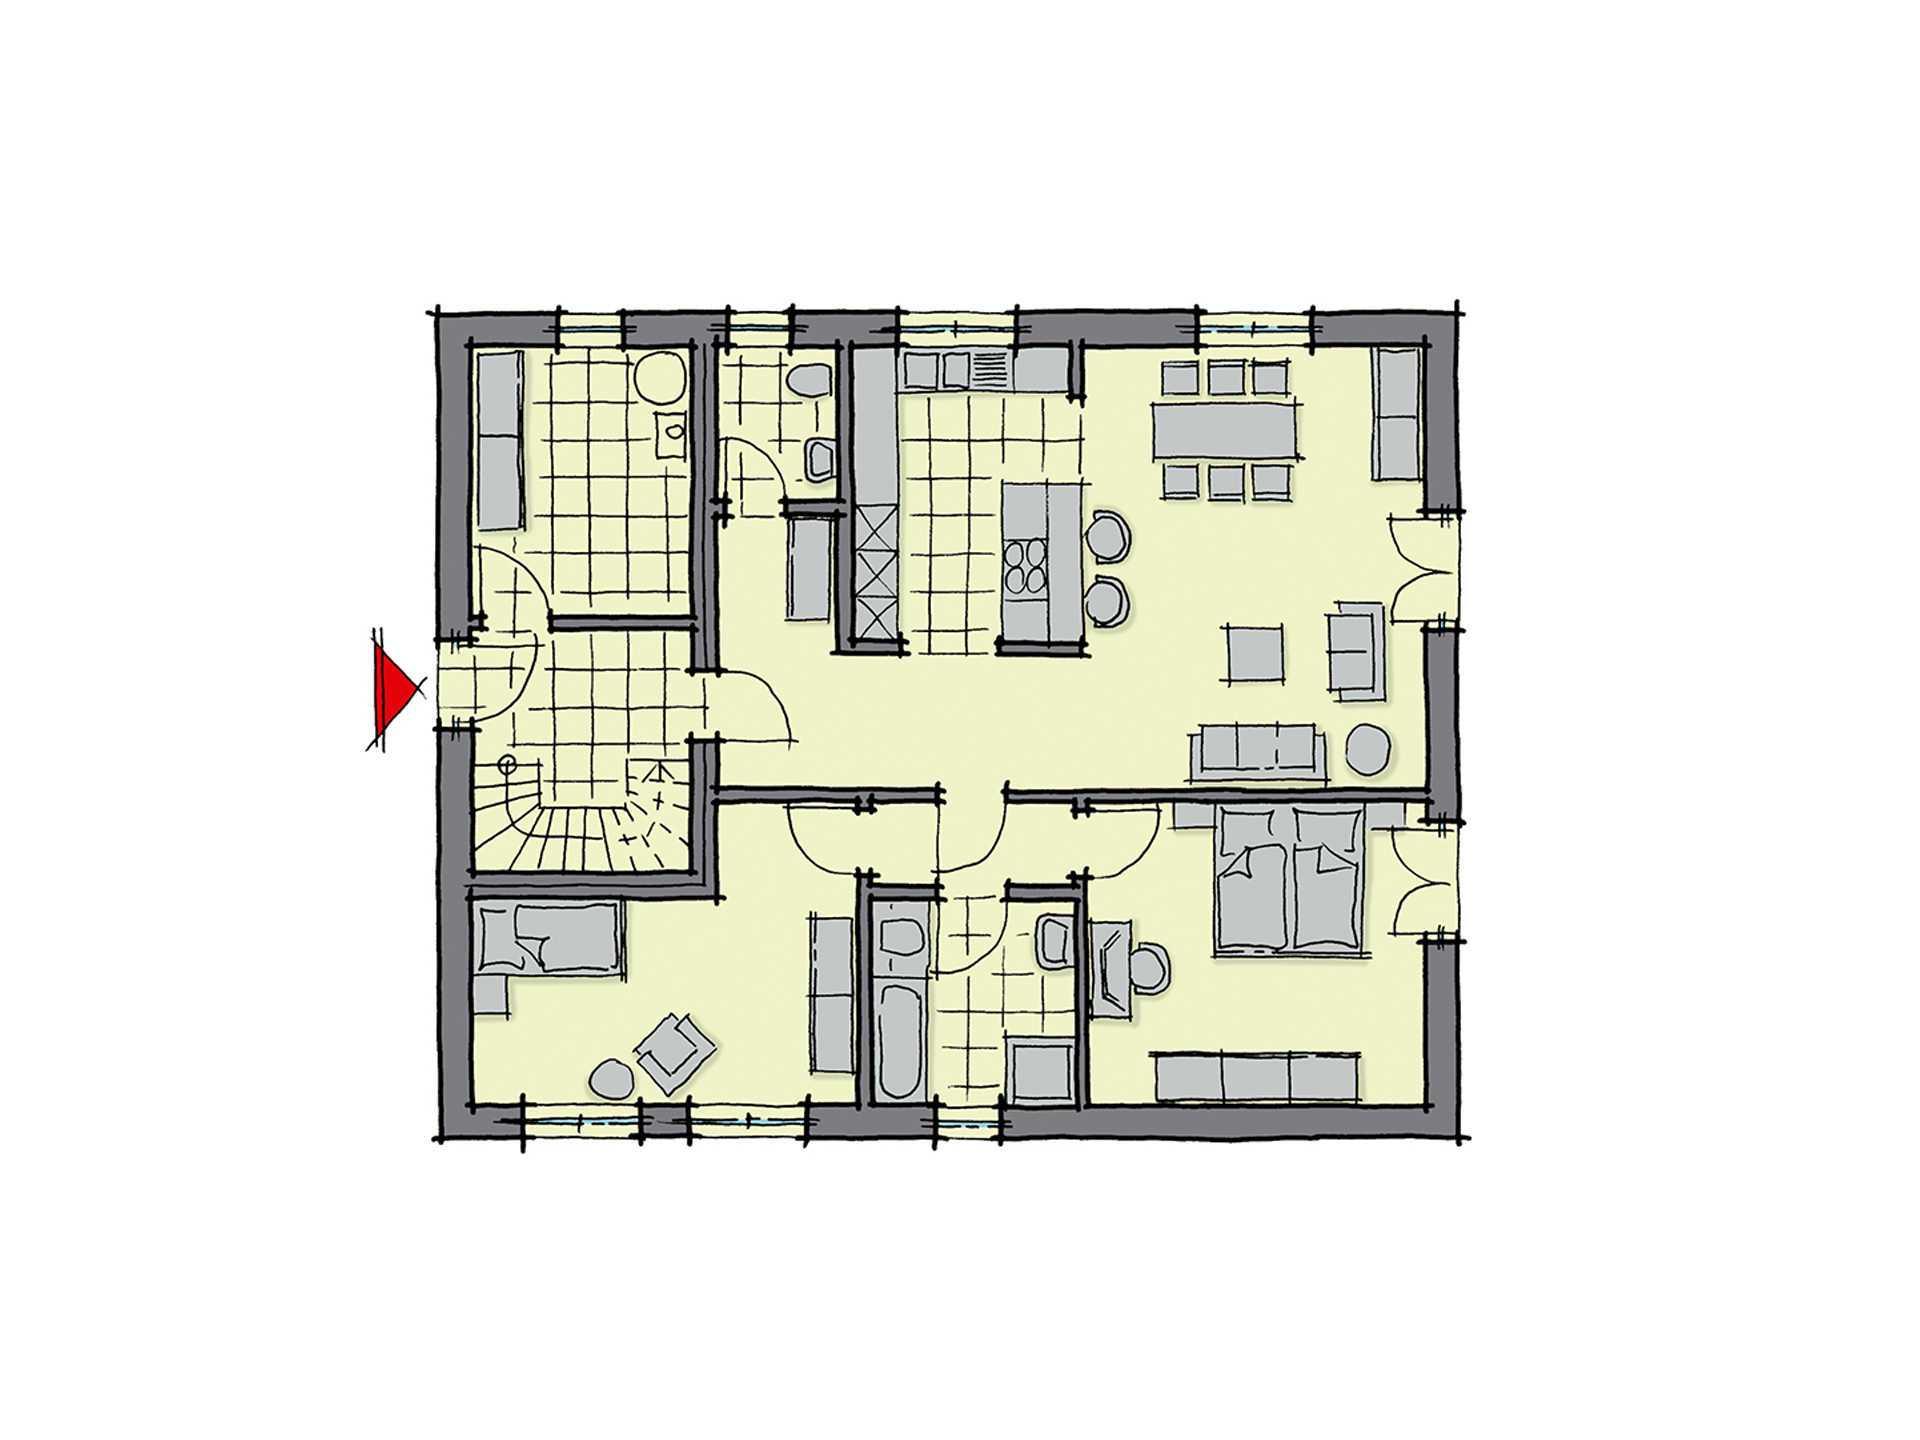 Zweifamilienhaus parma gussek haus for Zweifamilienhaus grundriss